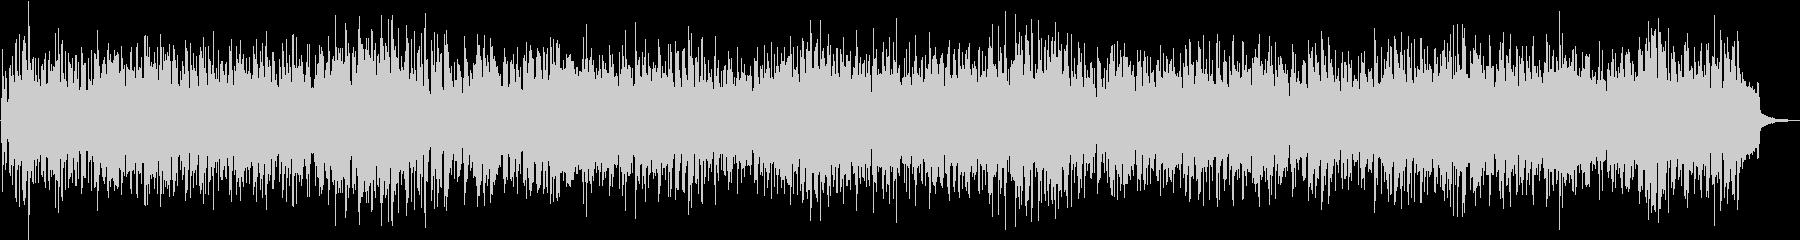 カントリーバイオリン明るいレトロジャズの未再生の波形